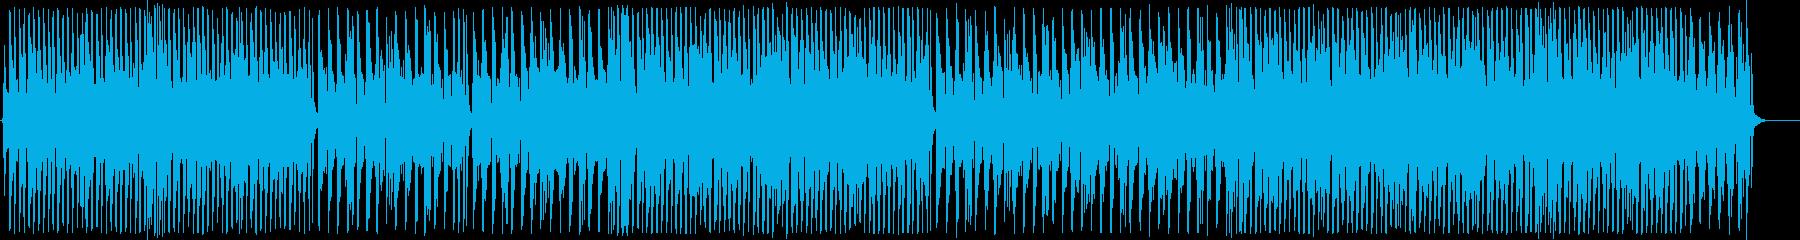 踊りたくなるようなお洒落なBGMの再生済みの波形